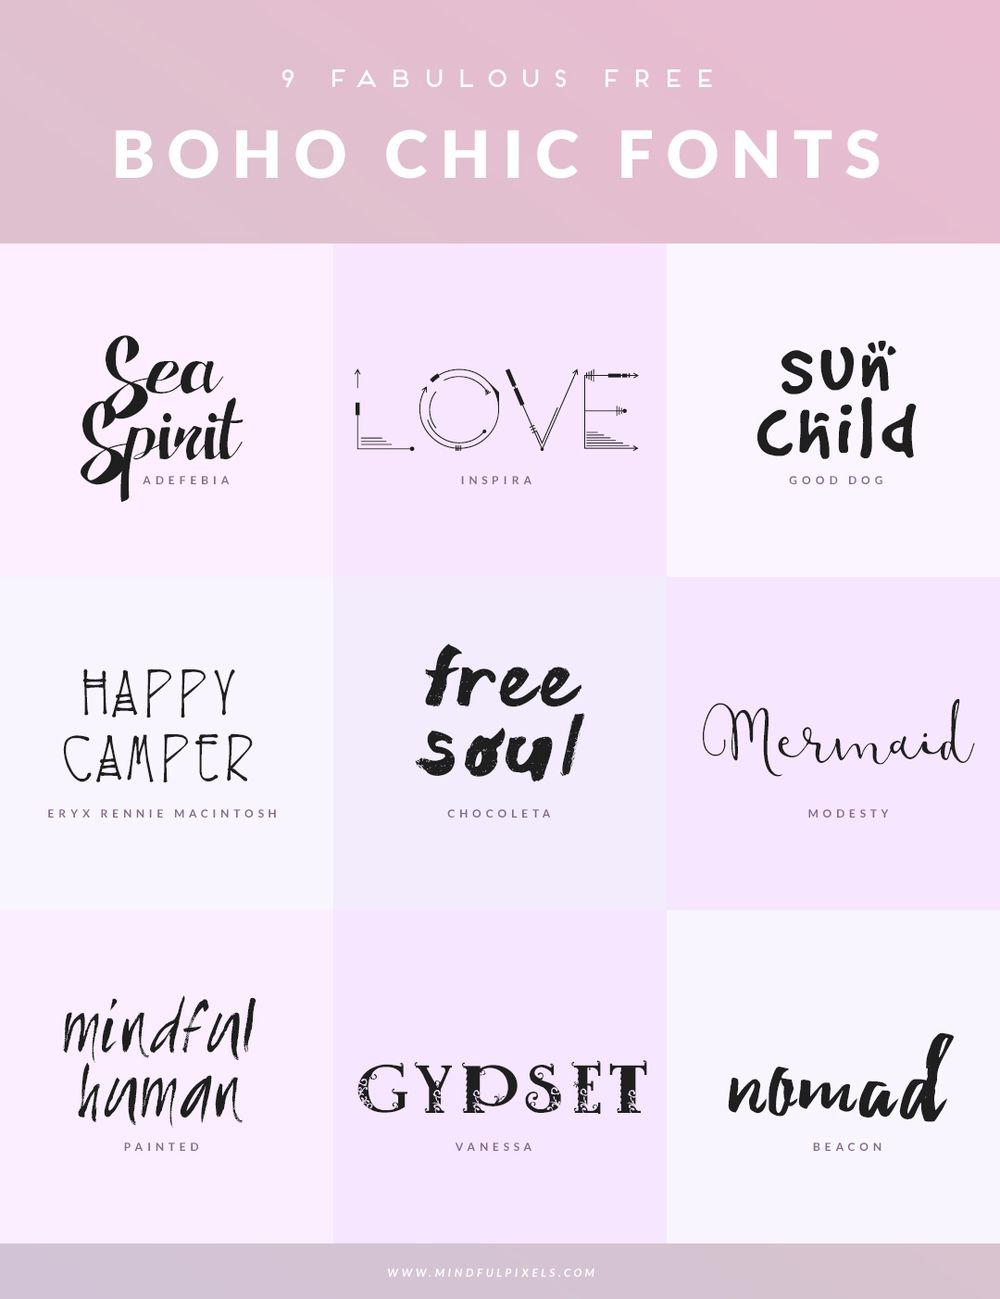 9 FREE BOHO CHIC FONTS Mindful Pixels